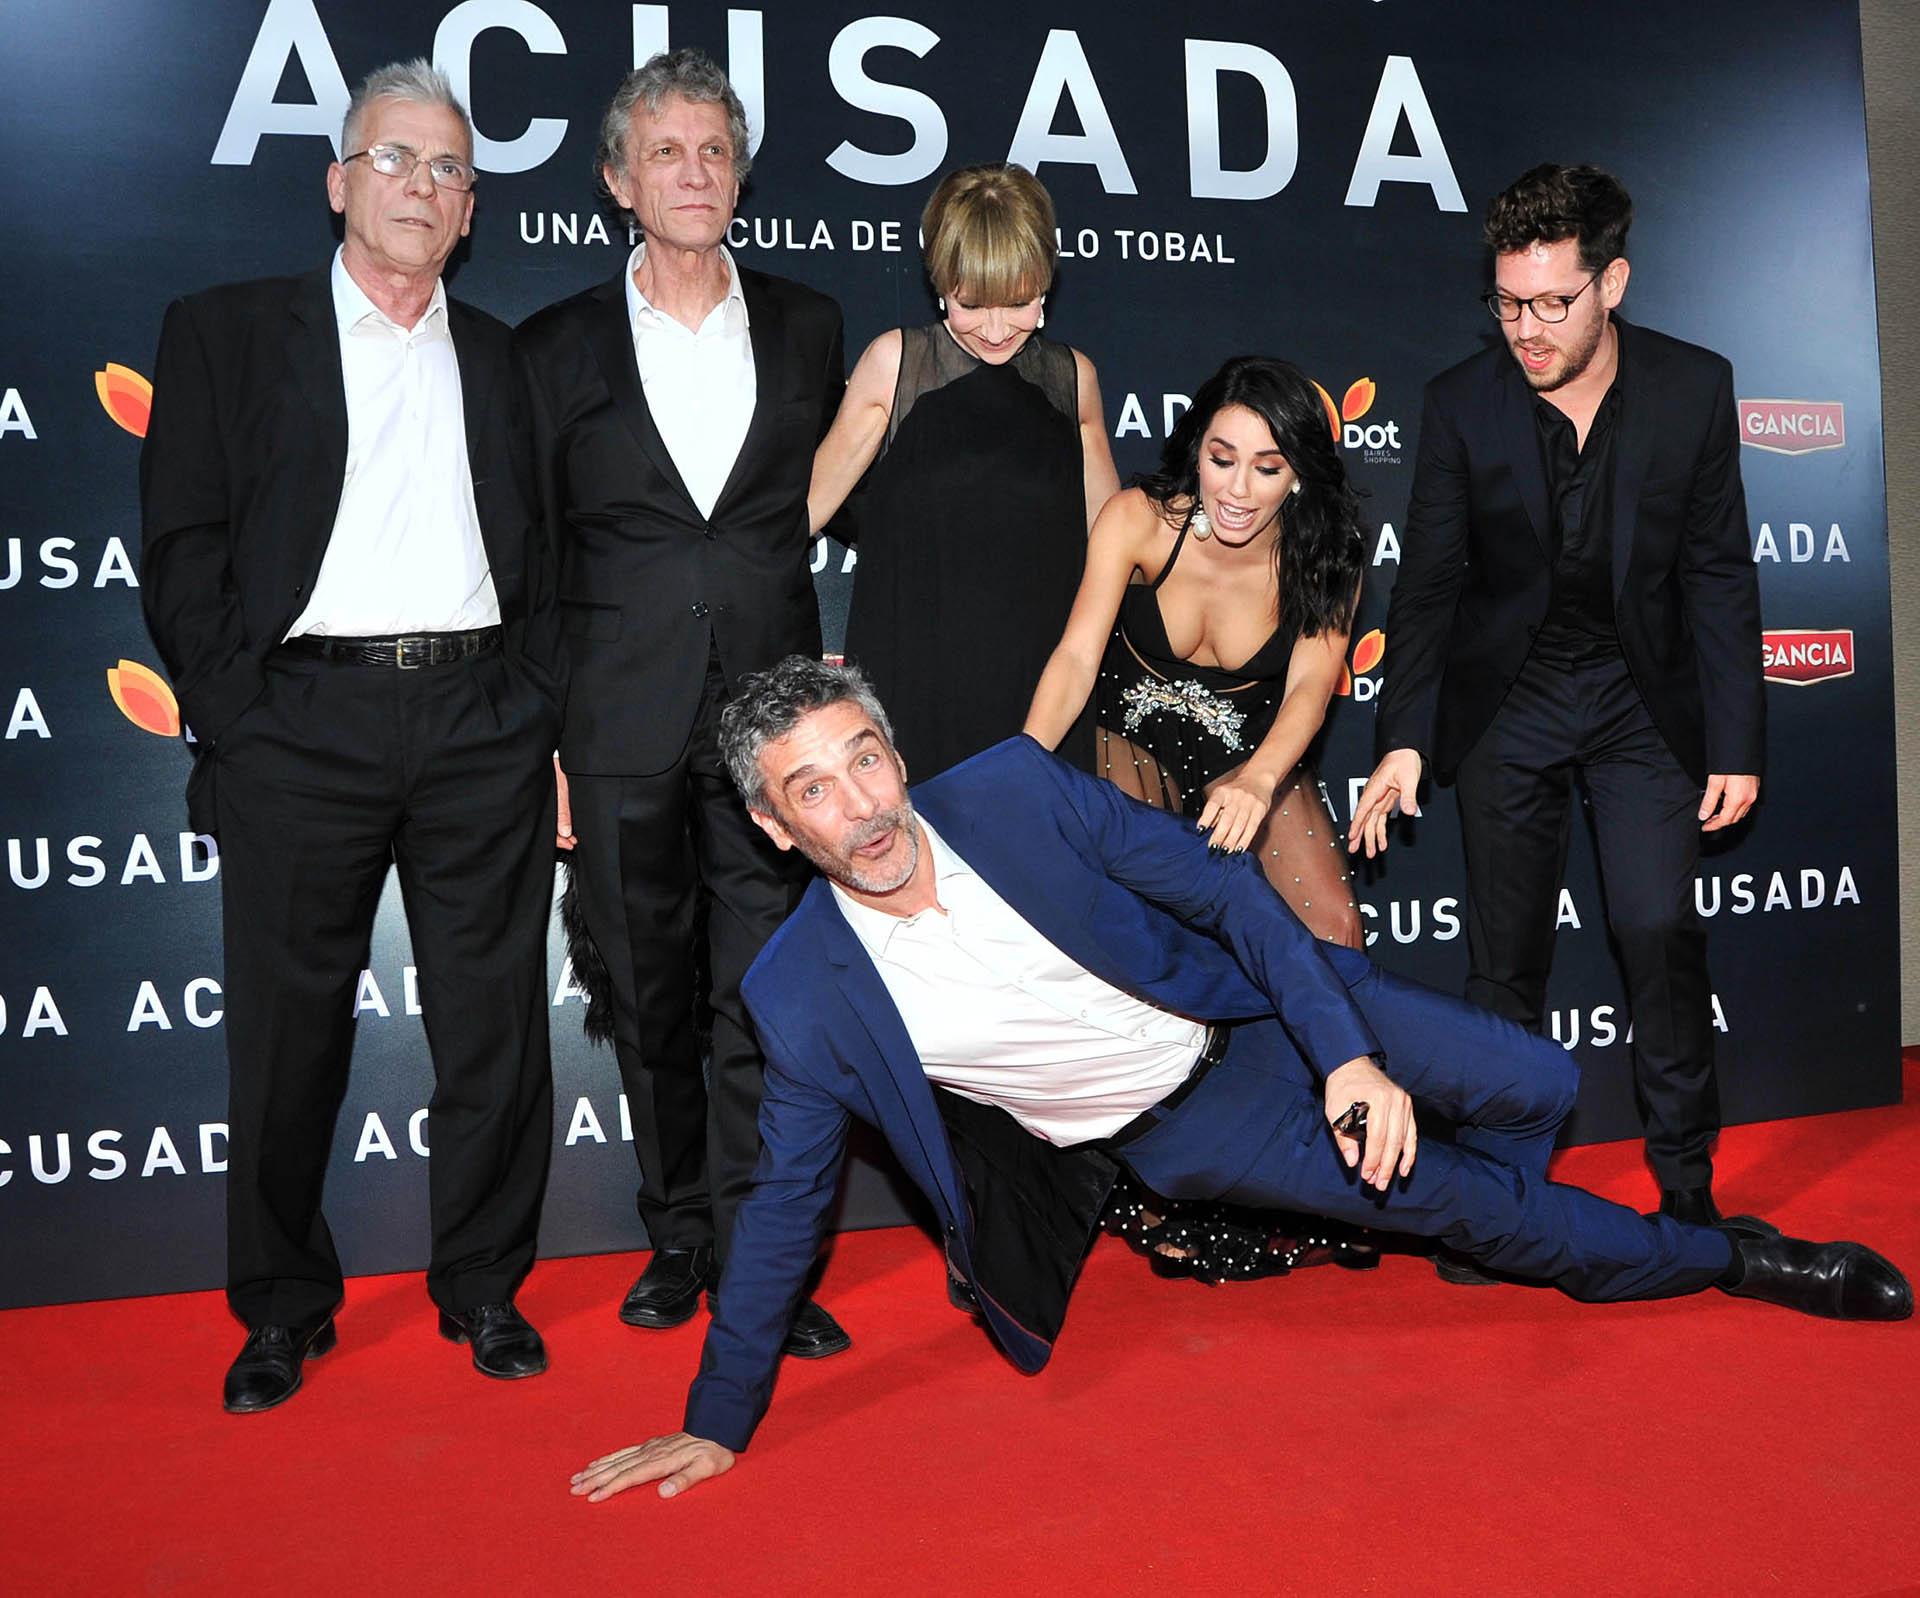 El elenco de Acusada y el director